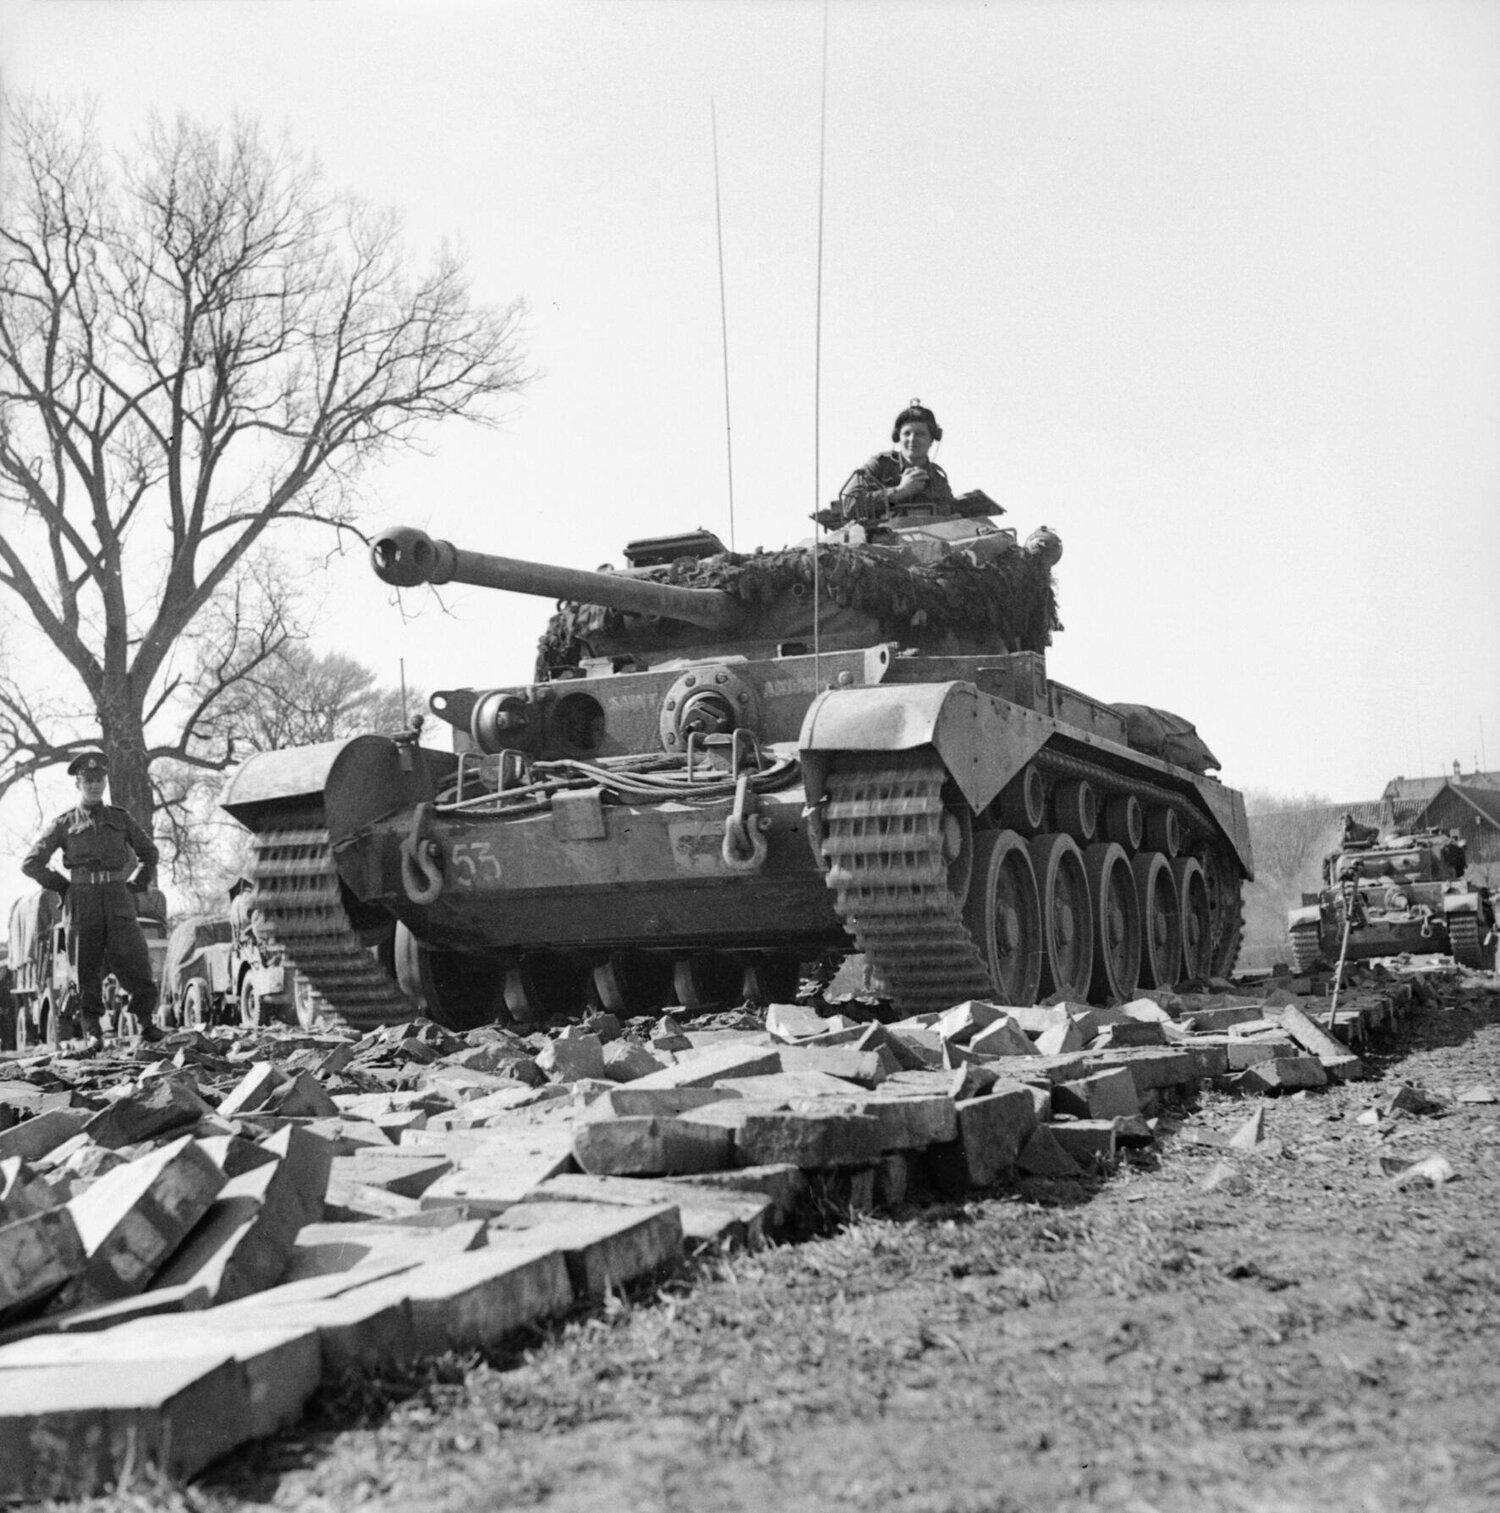 The British Comet Tank: Como isso impactou a Segunda Guerra Mundial?  - História é agora revista, podcasts, blog e livros 1